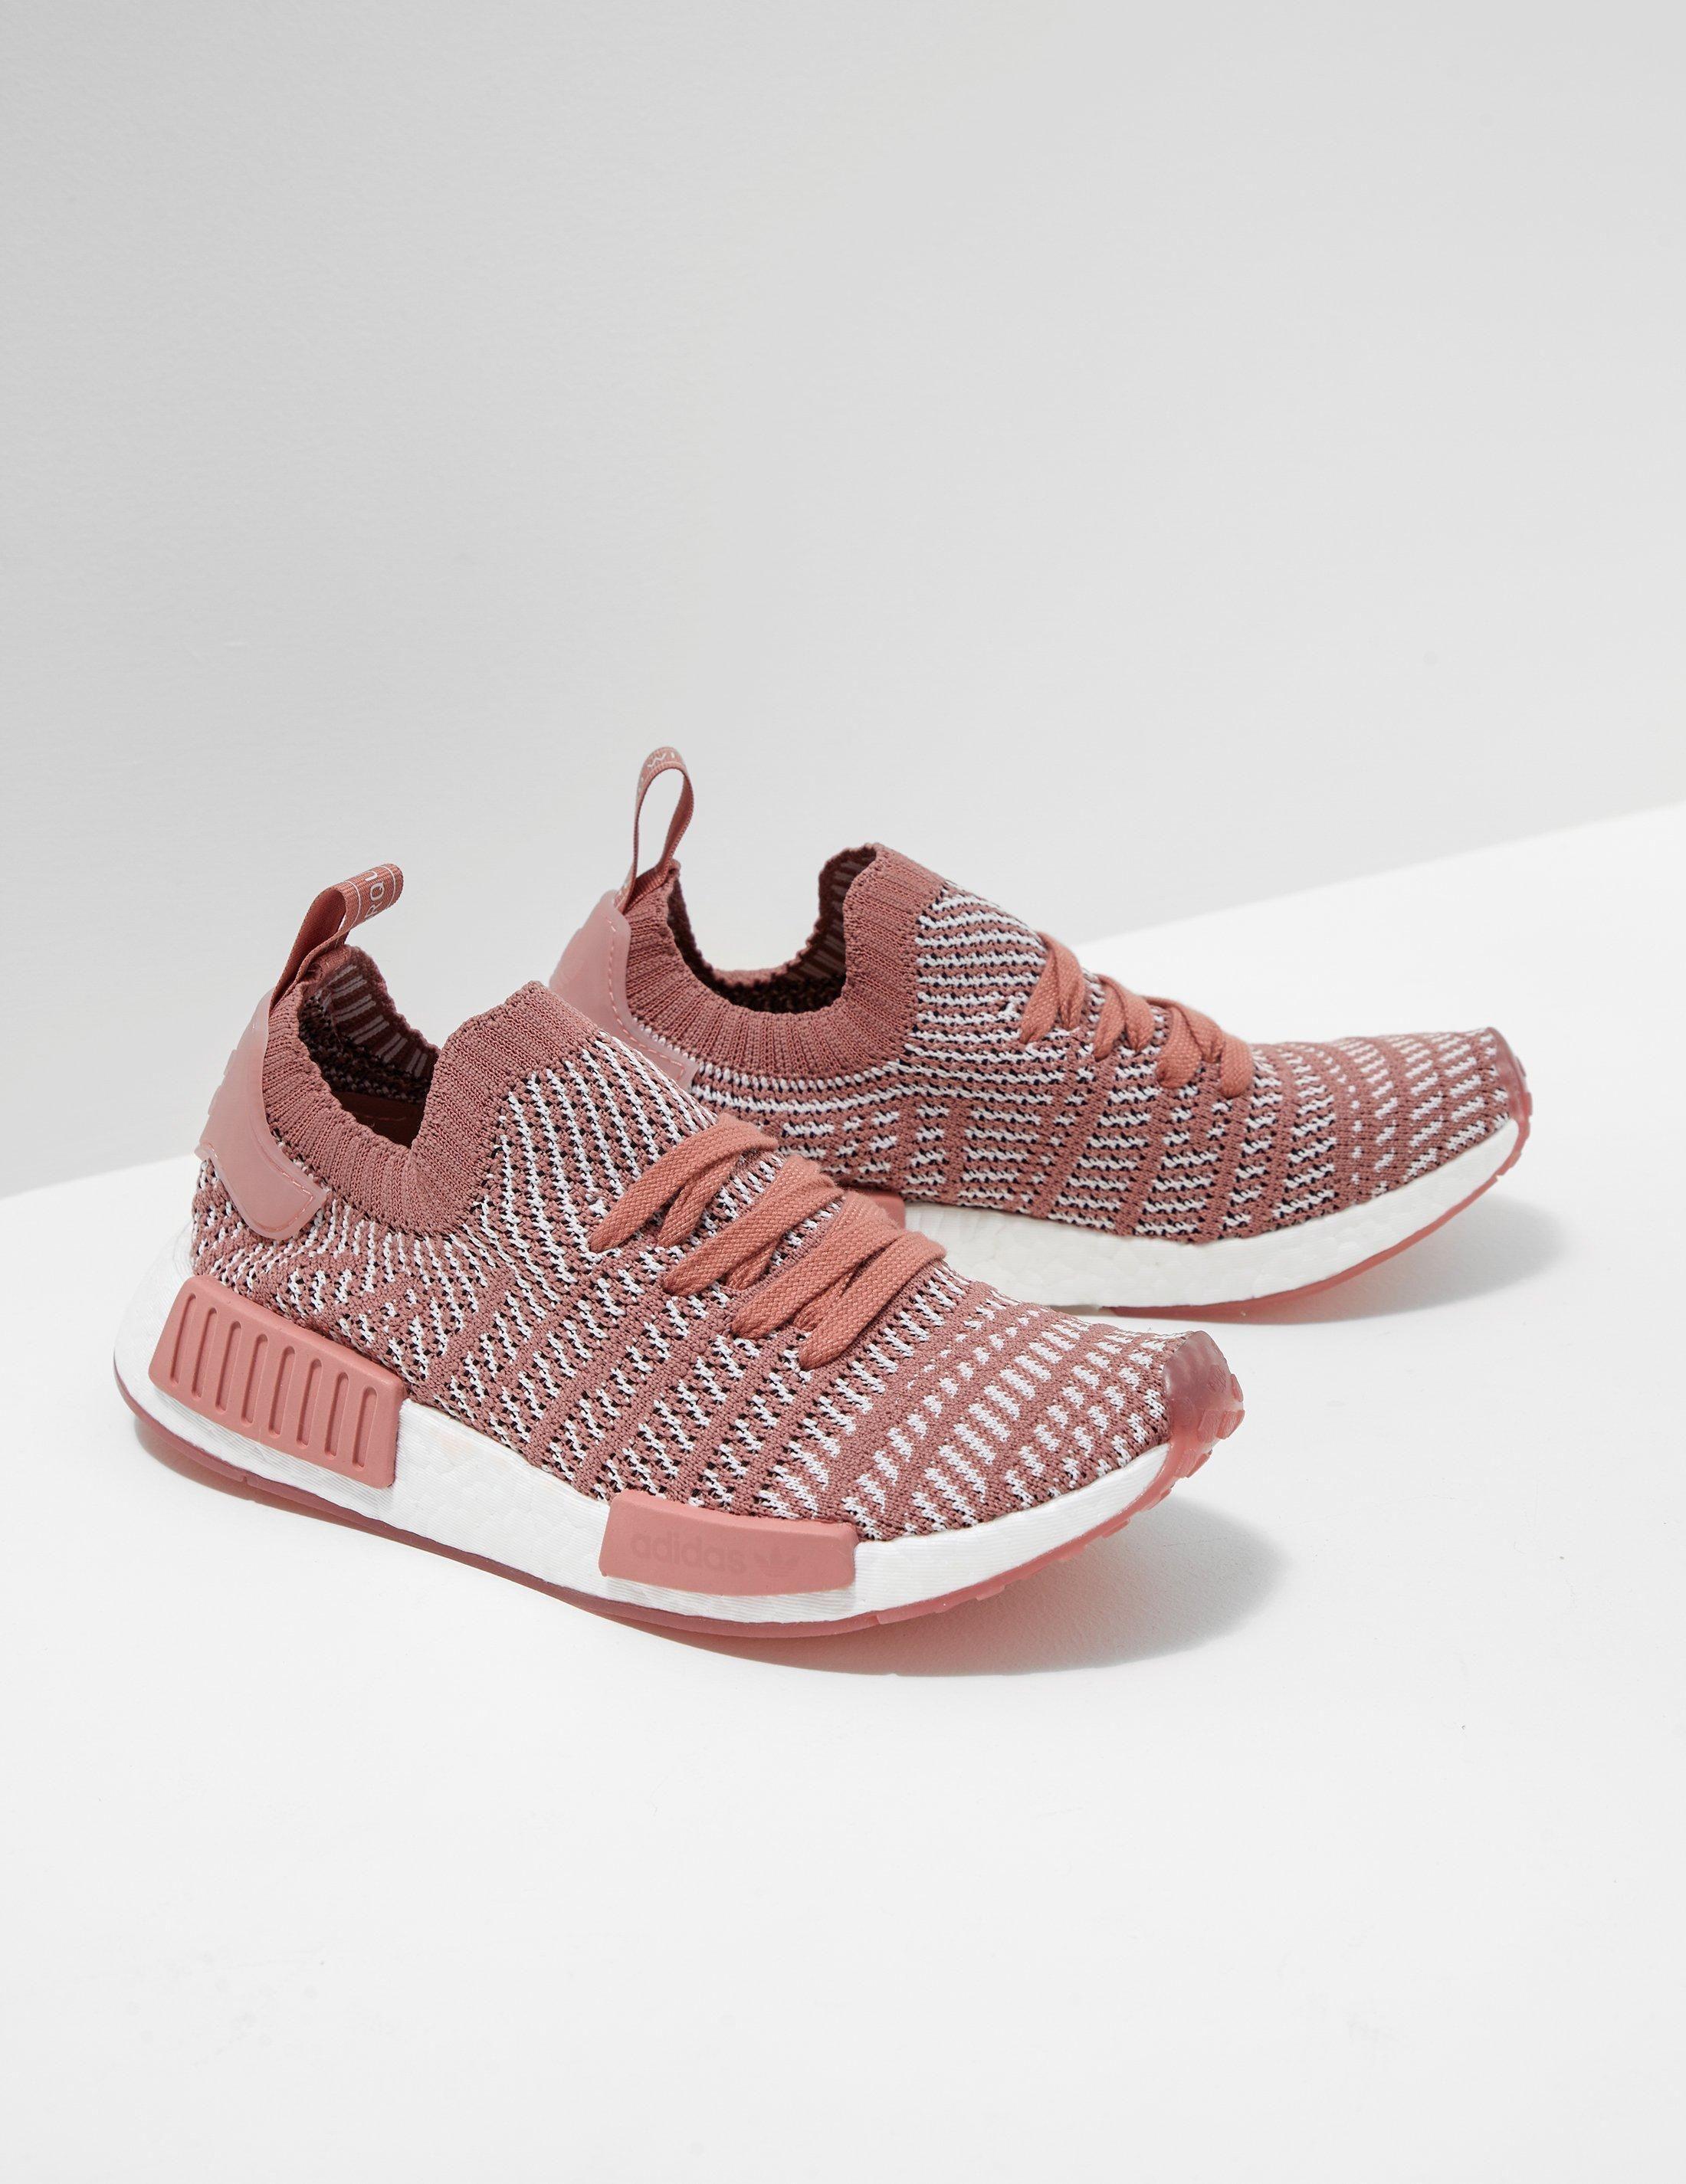 the latest 6ab47 1eb90  adidas  adidasoriginals  runningshoes  comfortableshoes  joggingshoes   sportshoes  adidasshoes